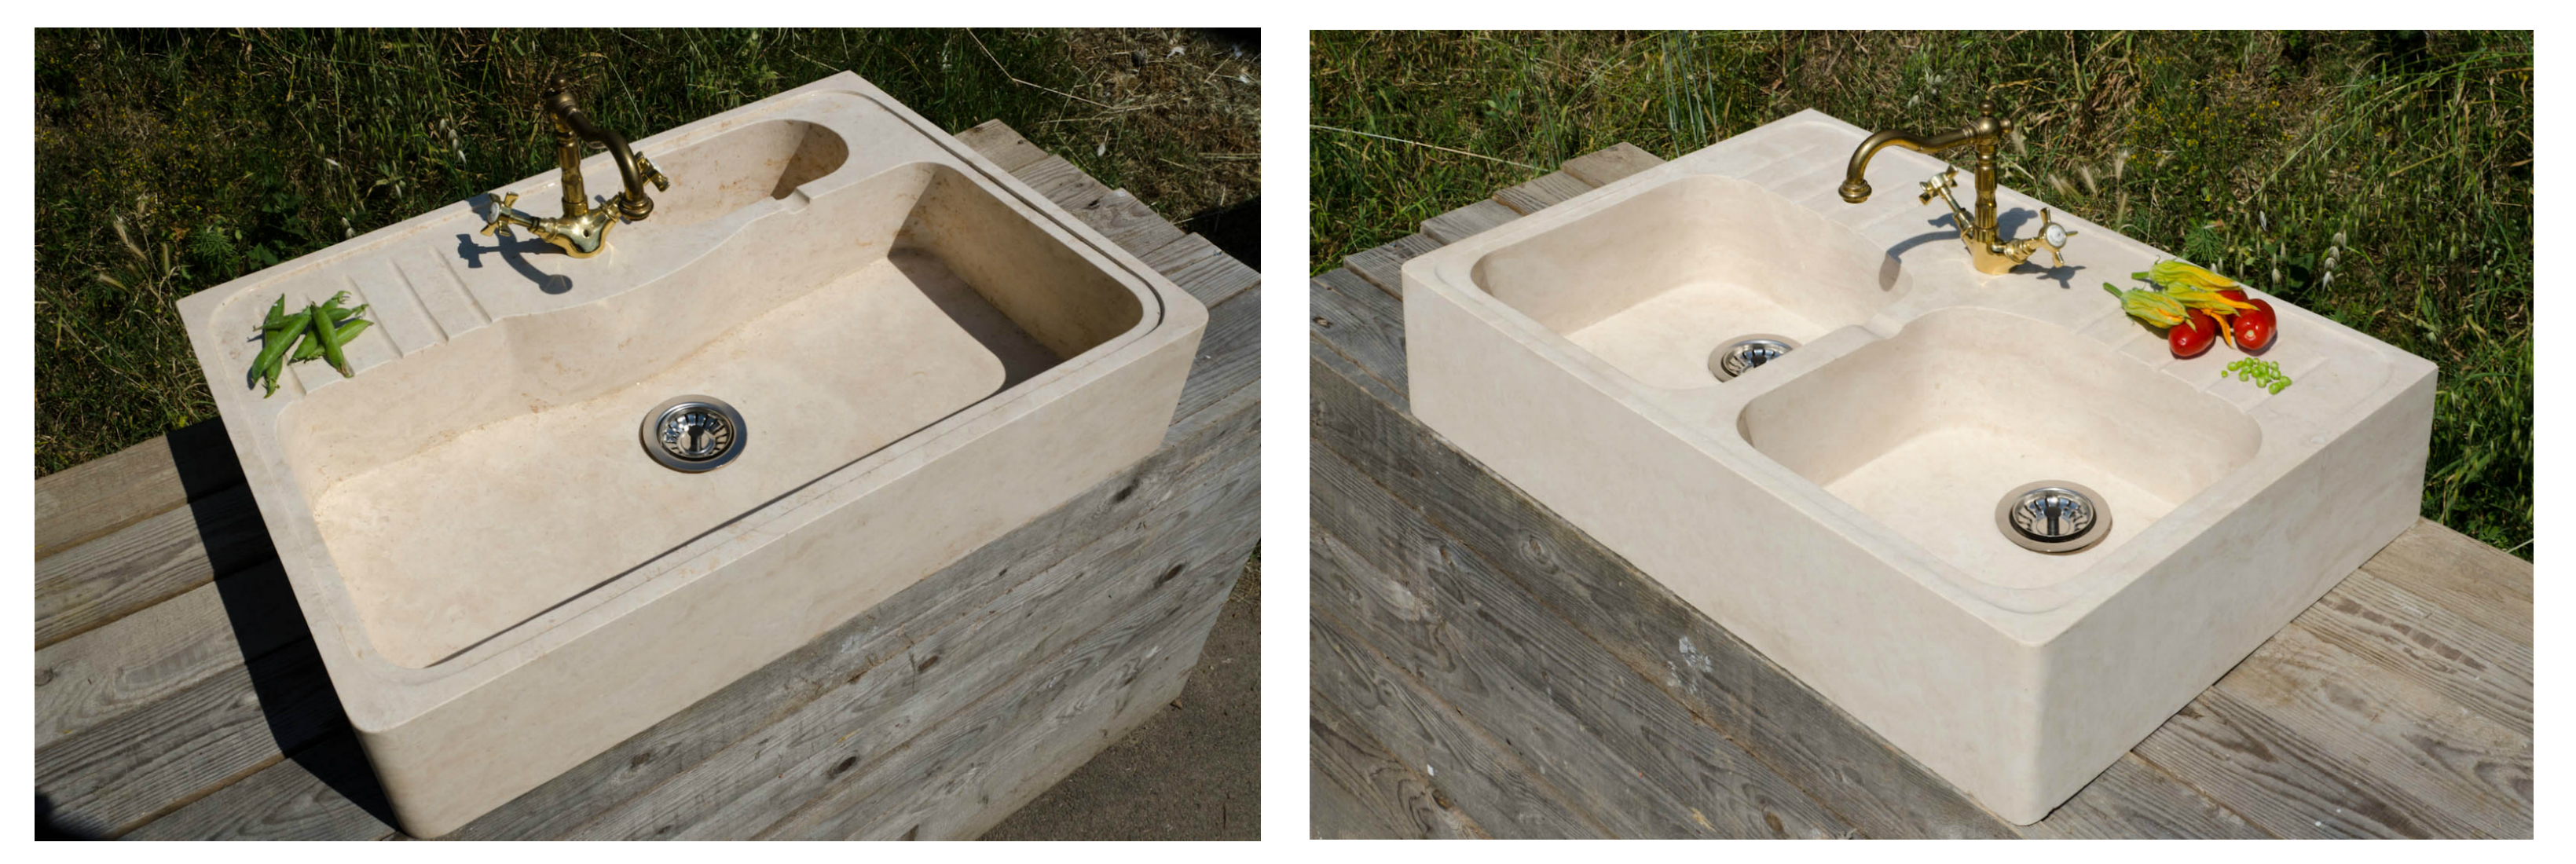 Il nostro lavabo in travertino Loaded su Homify - Pietre di Rapolano